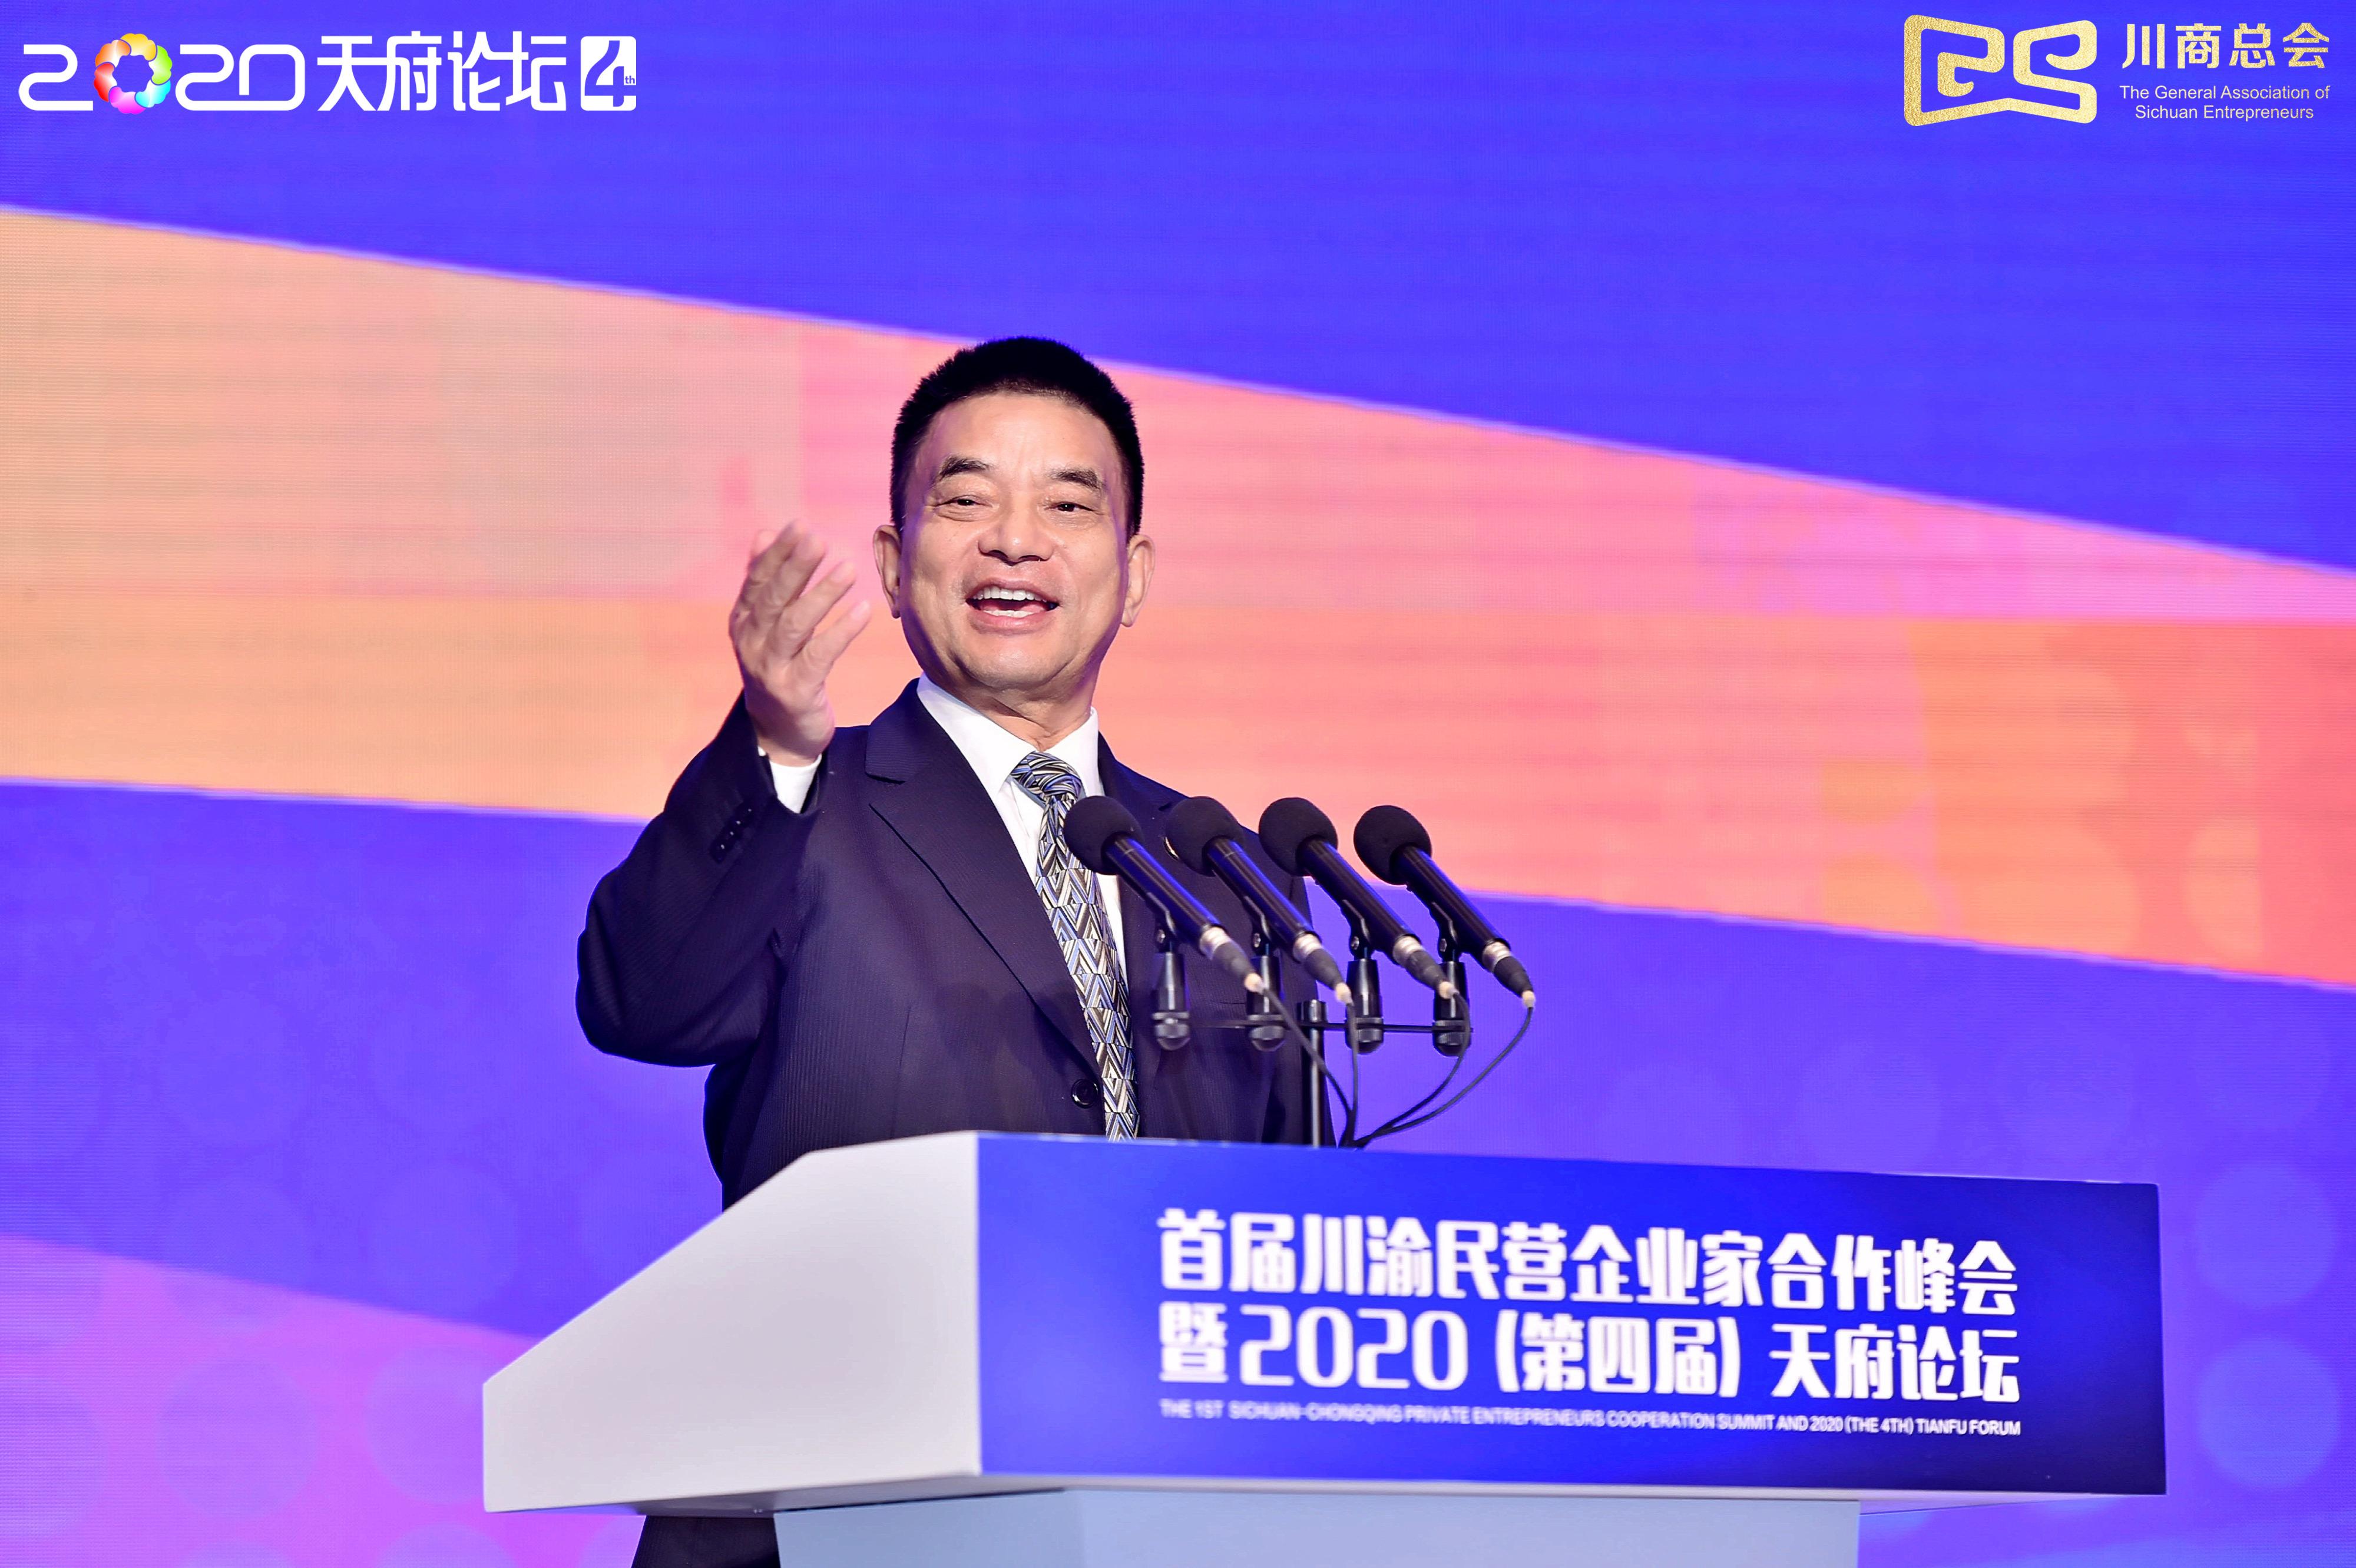 刘永好连任川商总会第二届会长 将重点干好5件大事